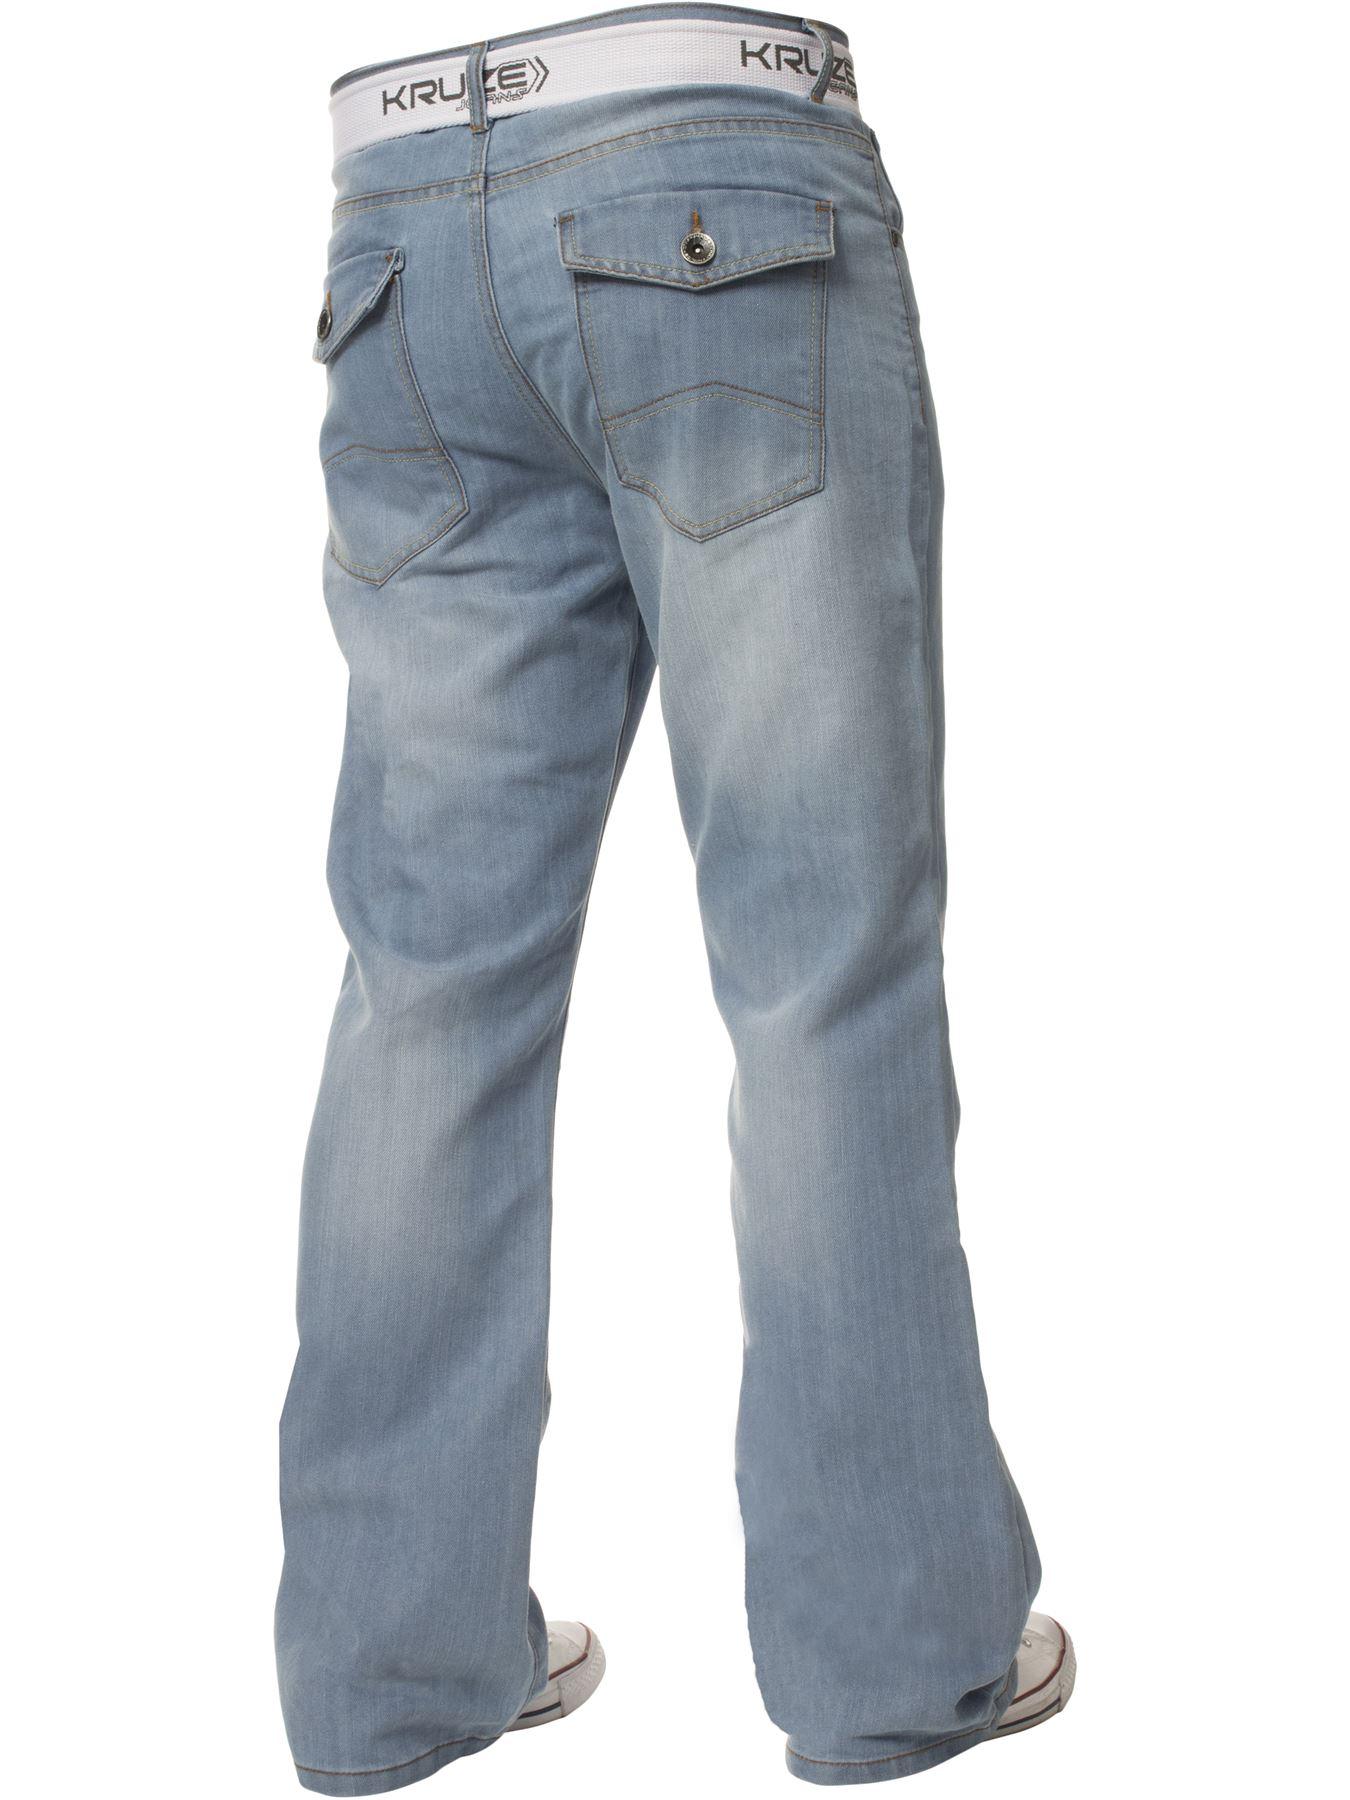 Kruze-Herren-Bootcut-Jeans-Ausgestellt-Weites-Bein-Denim-Hose-Gross-Hoch-Koenig Indexbild 11